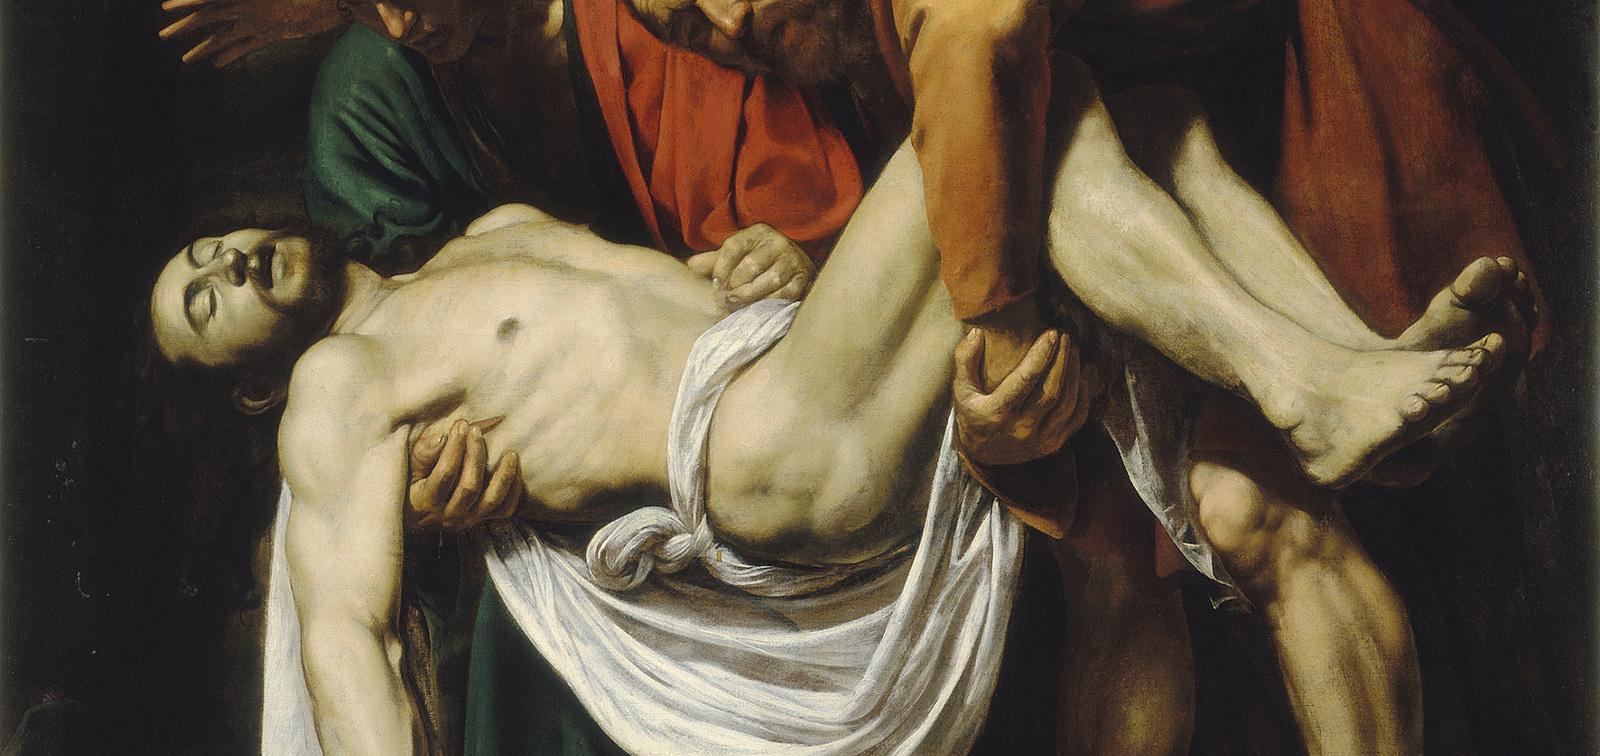 La obra invitada: El Descendimiento, Caravaggio